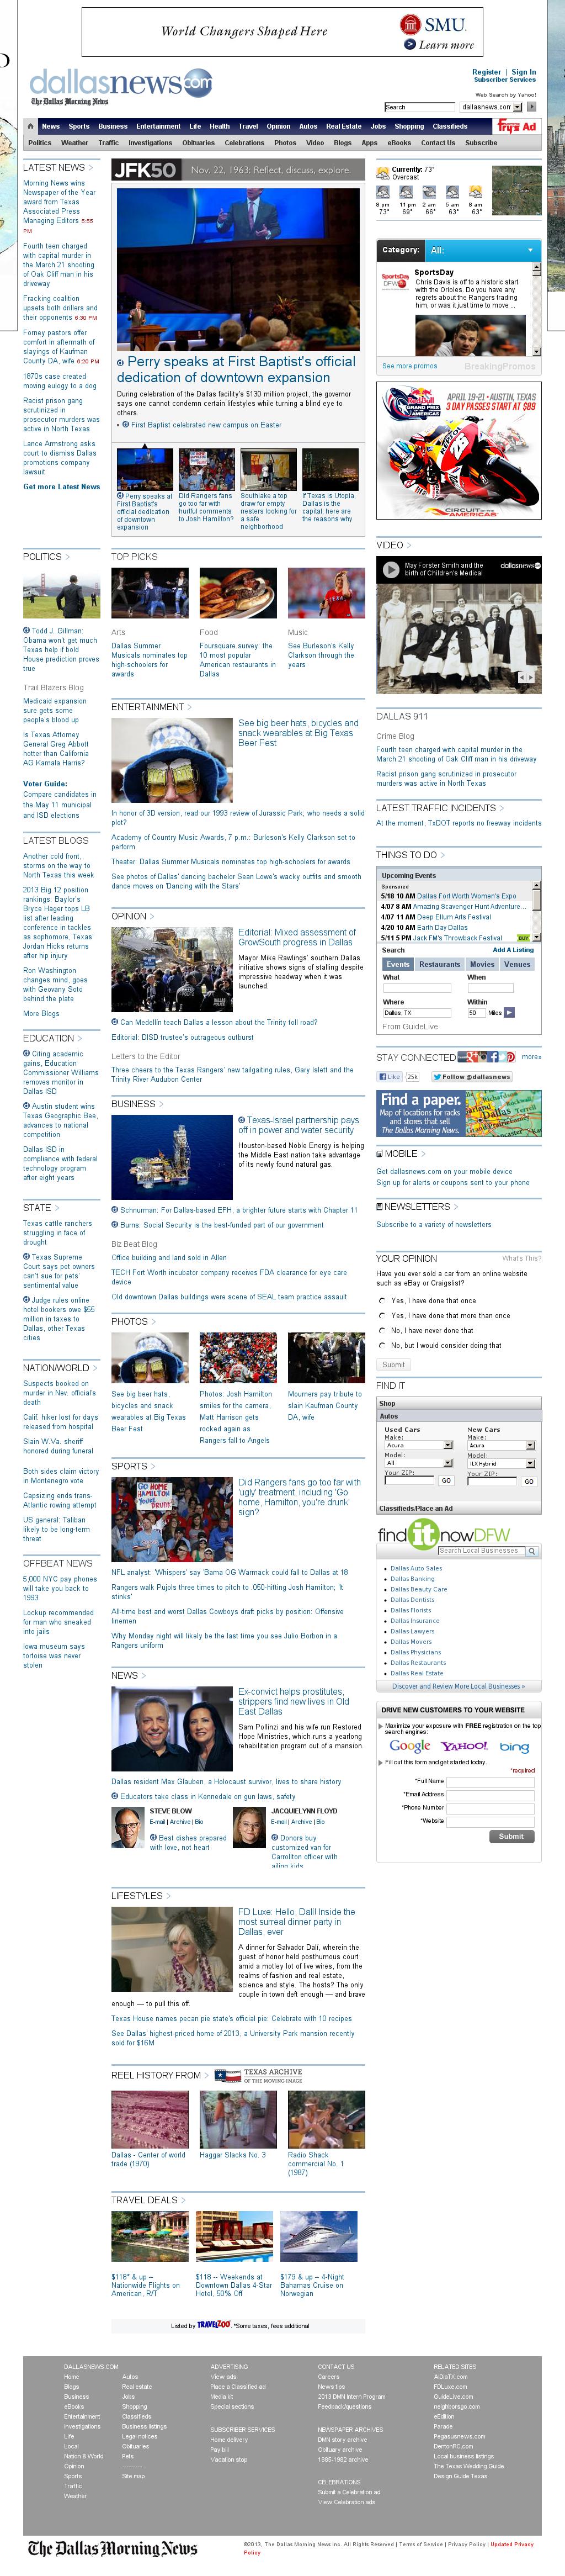 dallasnews.com at Monday April 8, 2013, 12:05 a.m. UTC